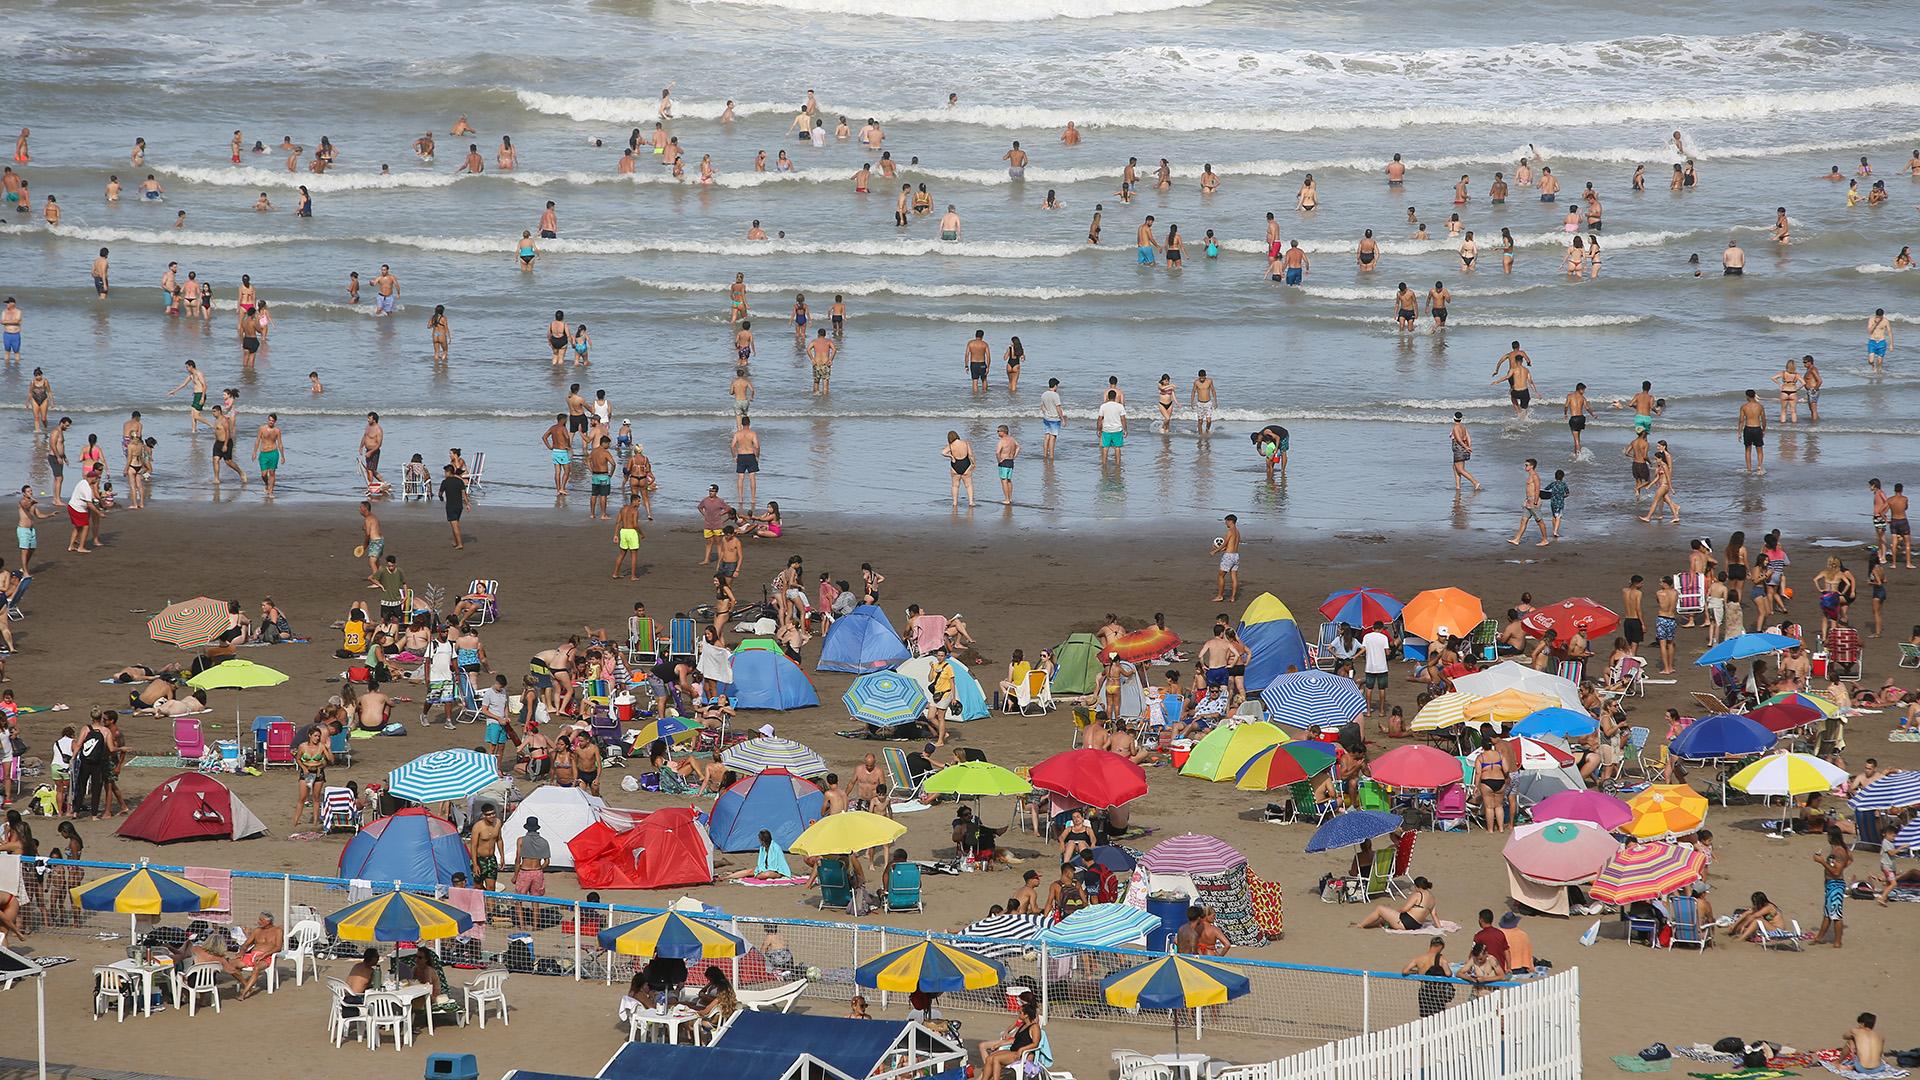 Según datos entregados por AUBASA (Autopistas de Buenos Aires S.A.) alrededor de 500 vehículos por hora circularon el sábado pasado en dirección a Mar del Plata.